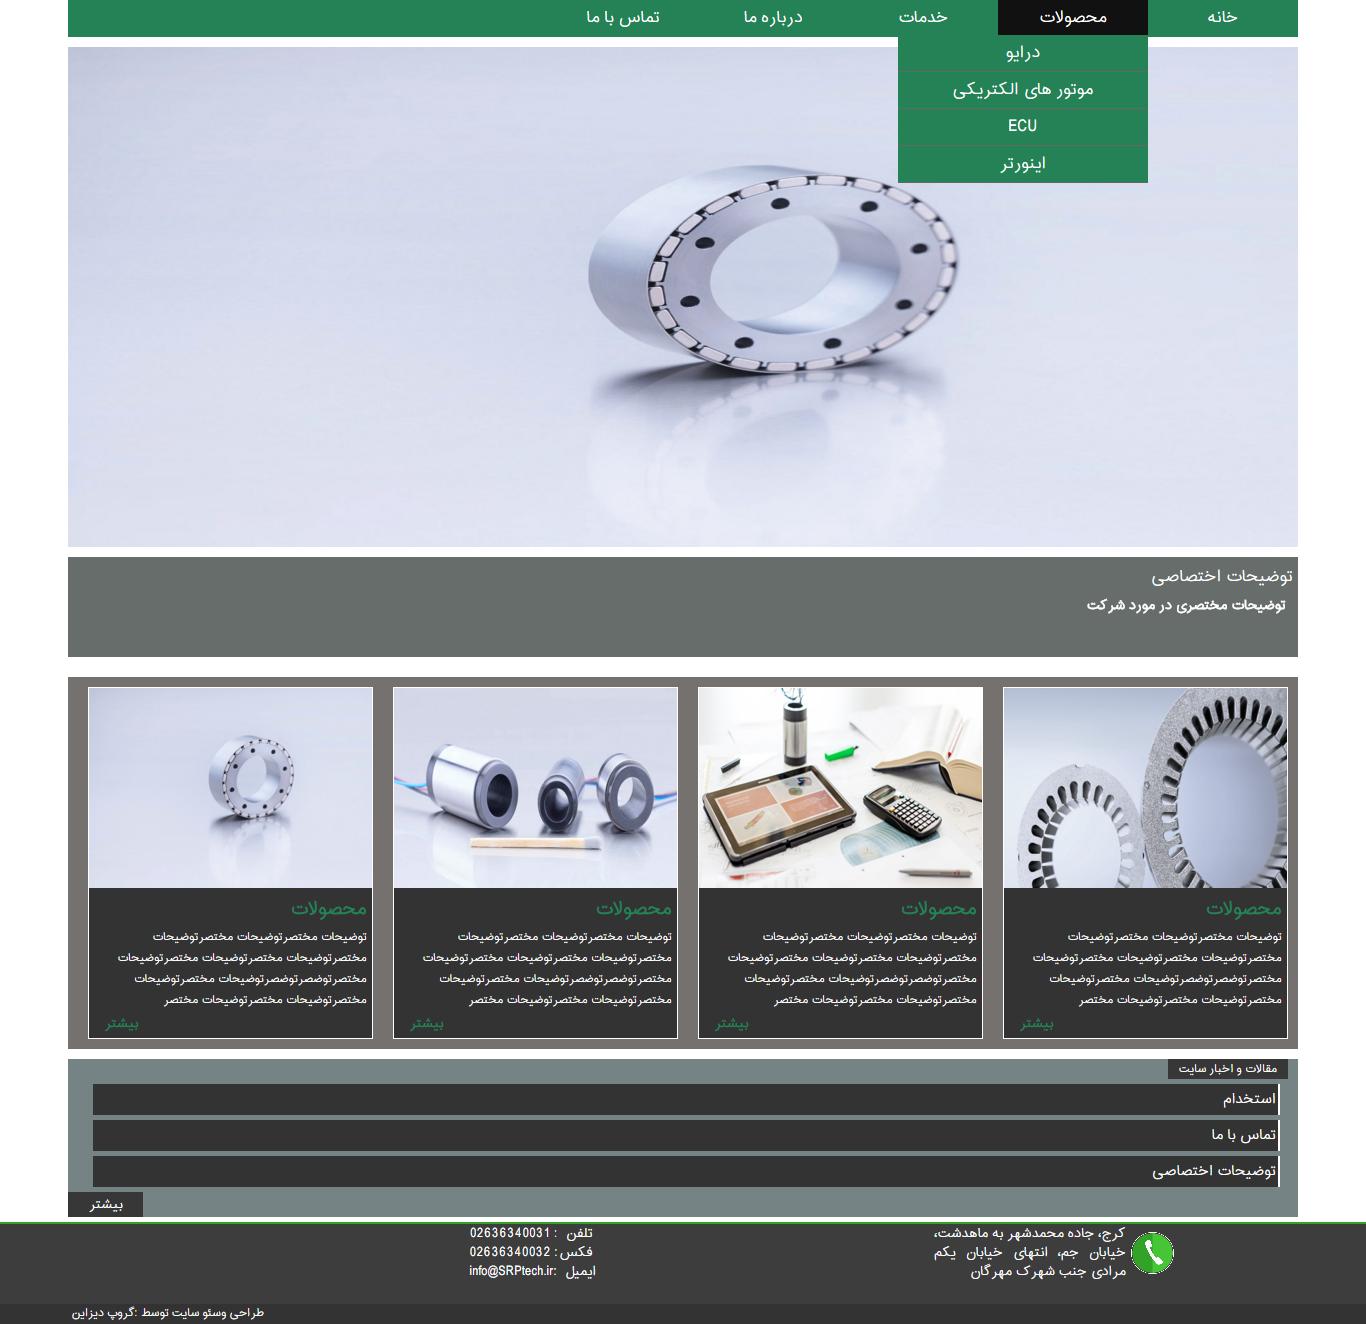 طراحی سایت شرکت فنی مهندسی صنایع رادمان پیشگام